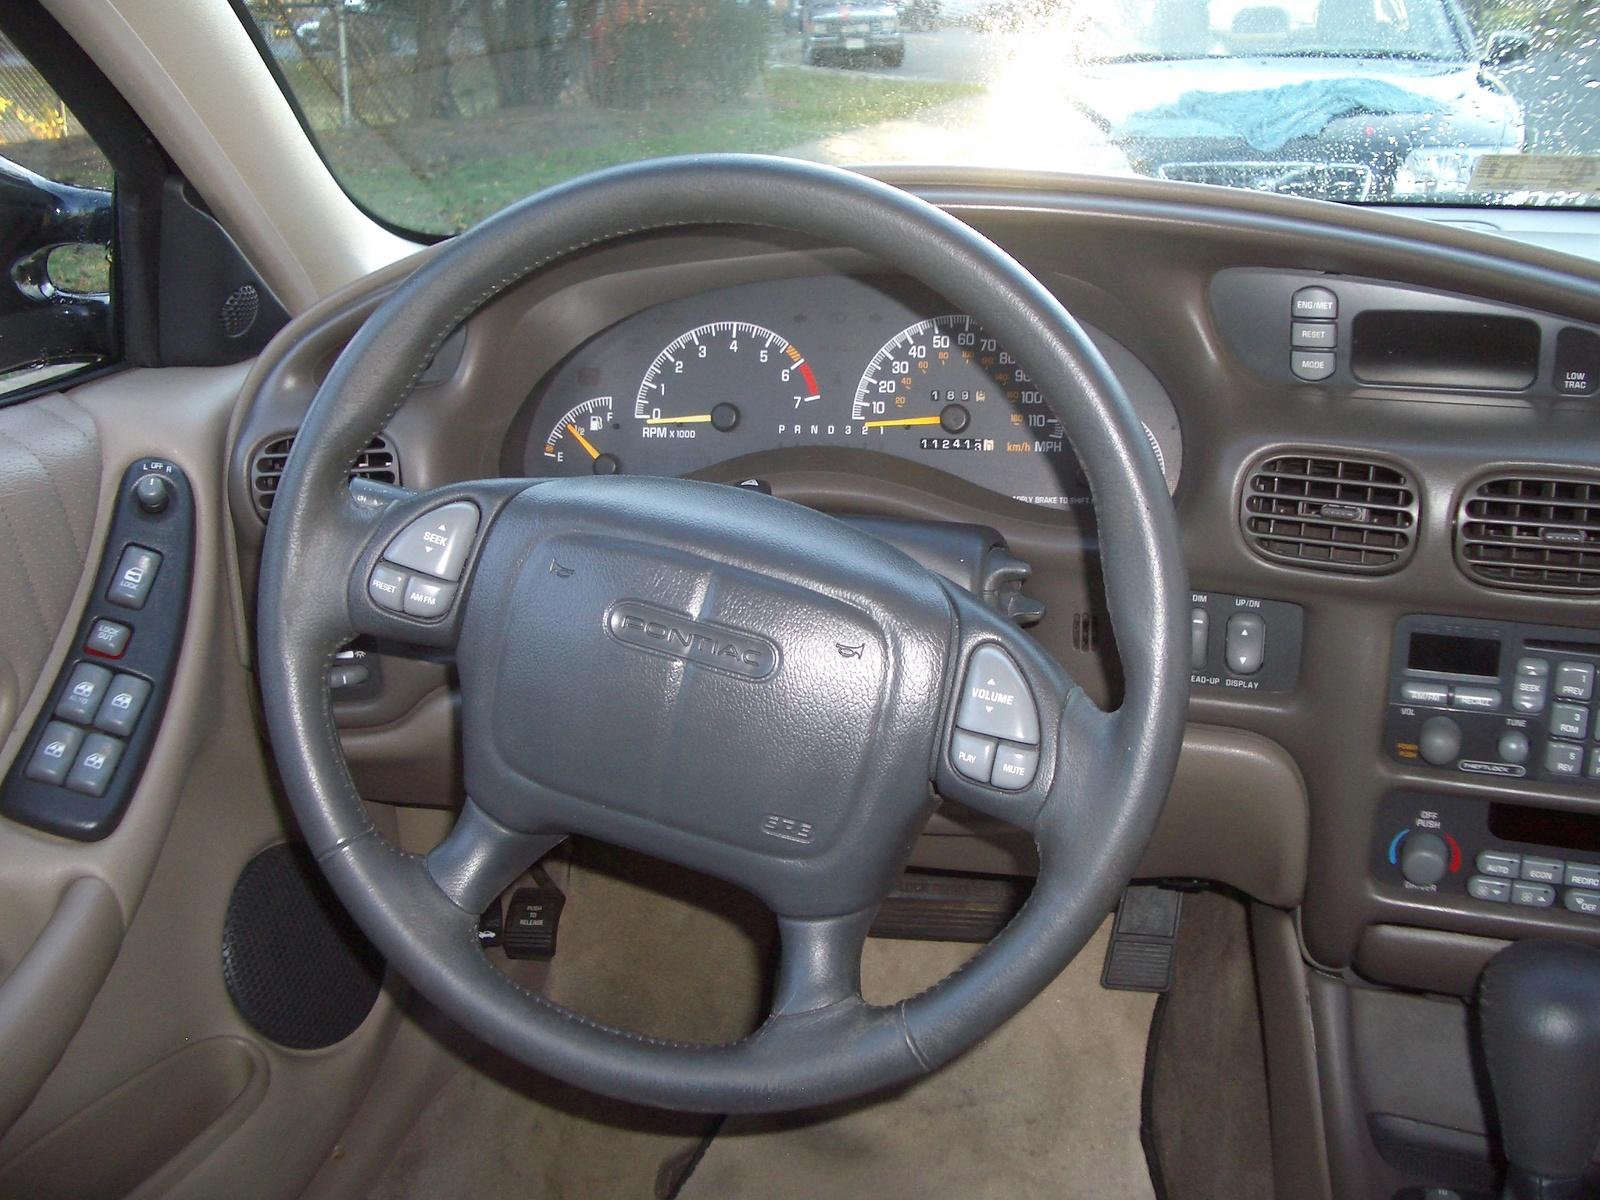 2000 Pontiac Grand Prix Interior Pictures Cargurus